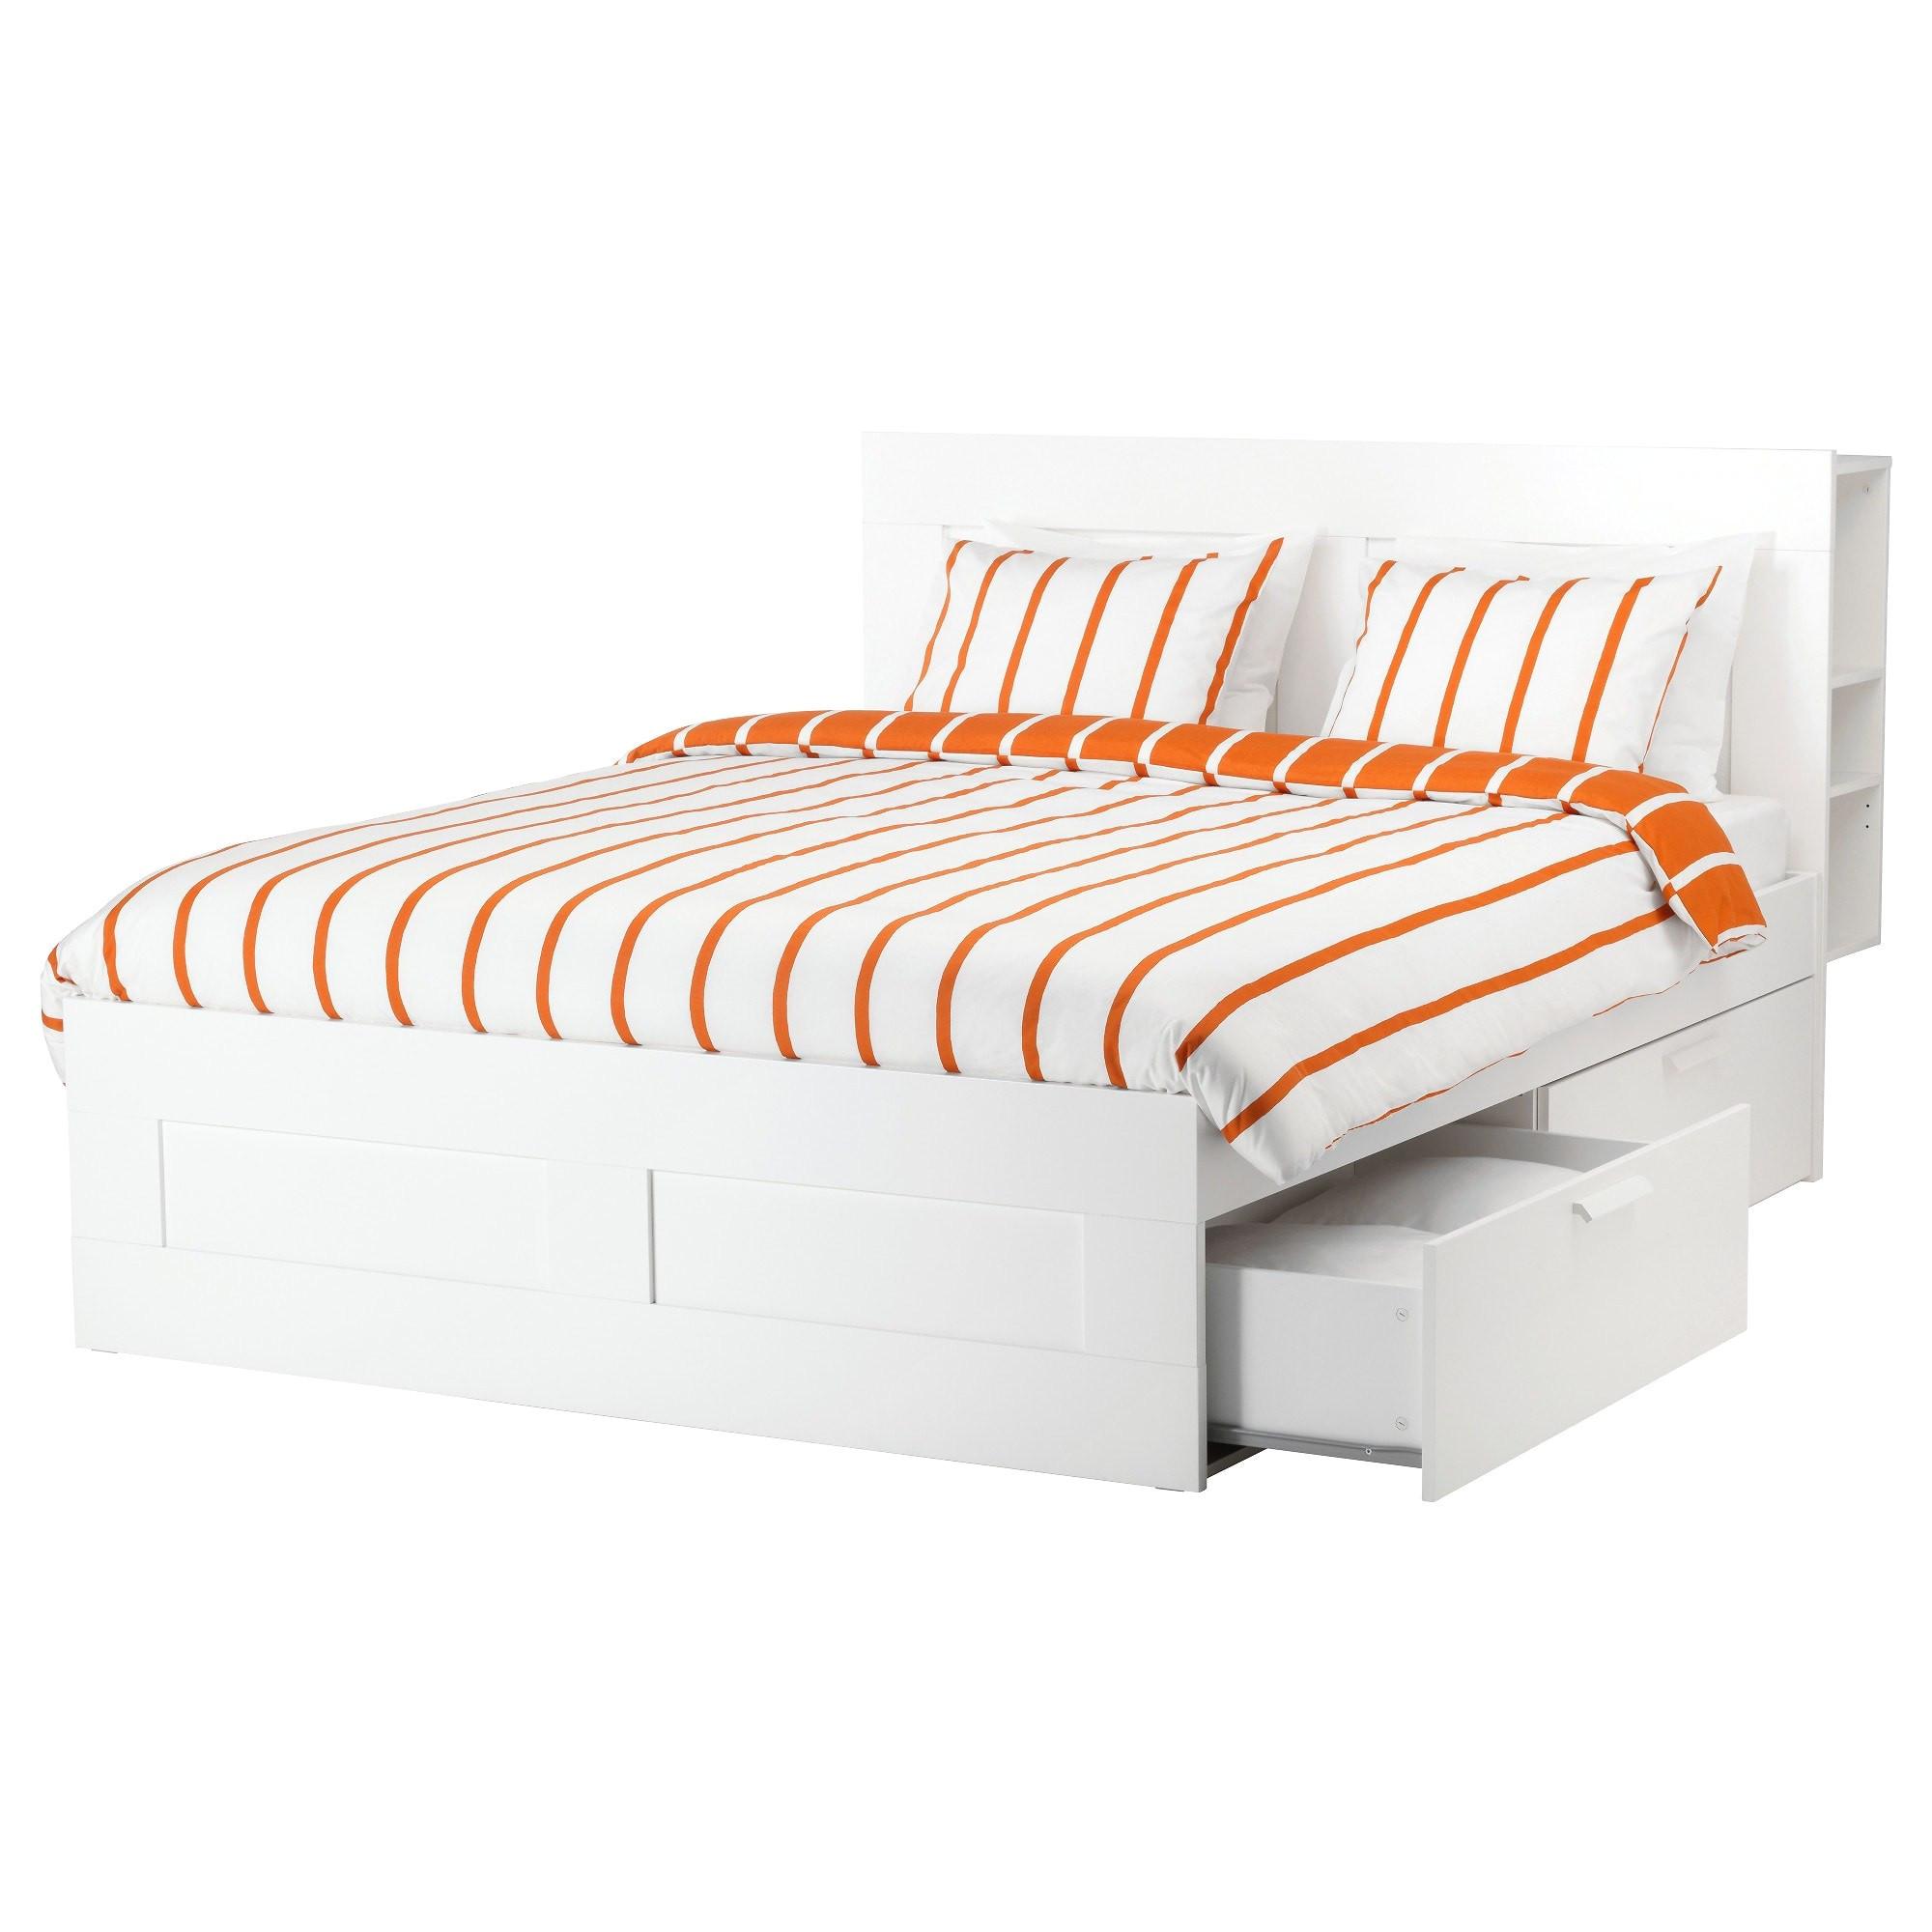 brimnes bed frame with storage 160200 cm ikea in ikea brimnes